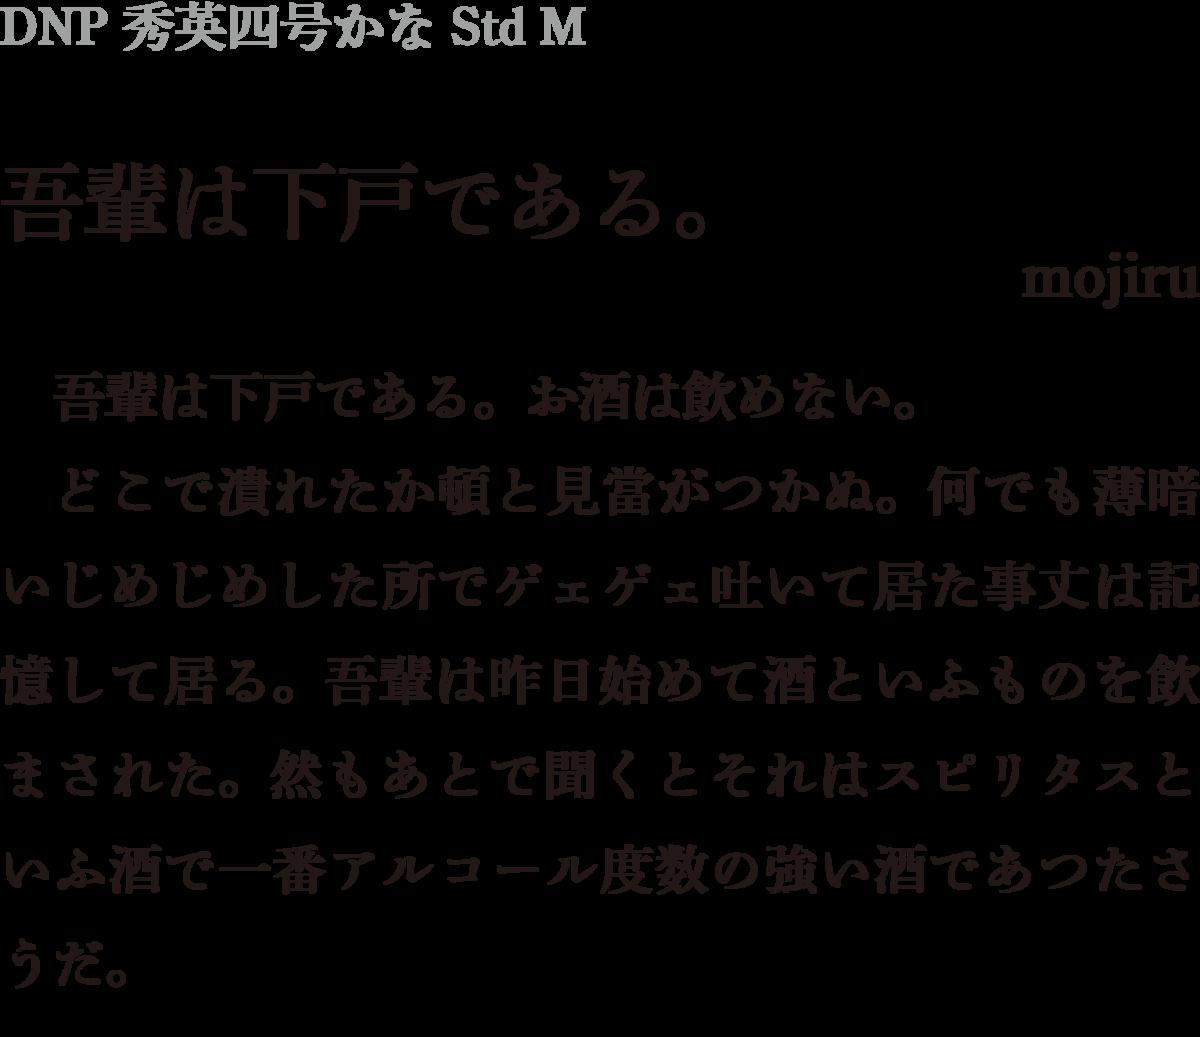 f:id:mojiru:20190411111221p:plain